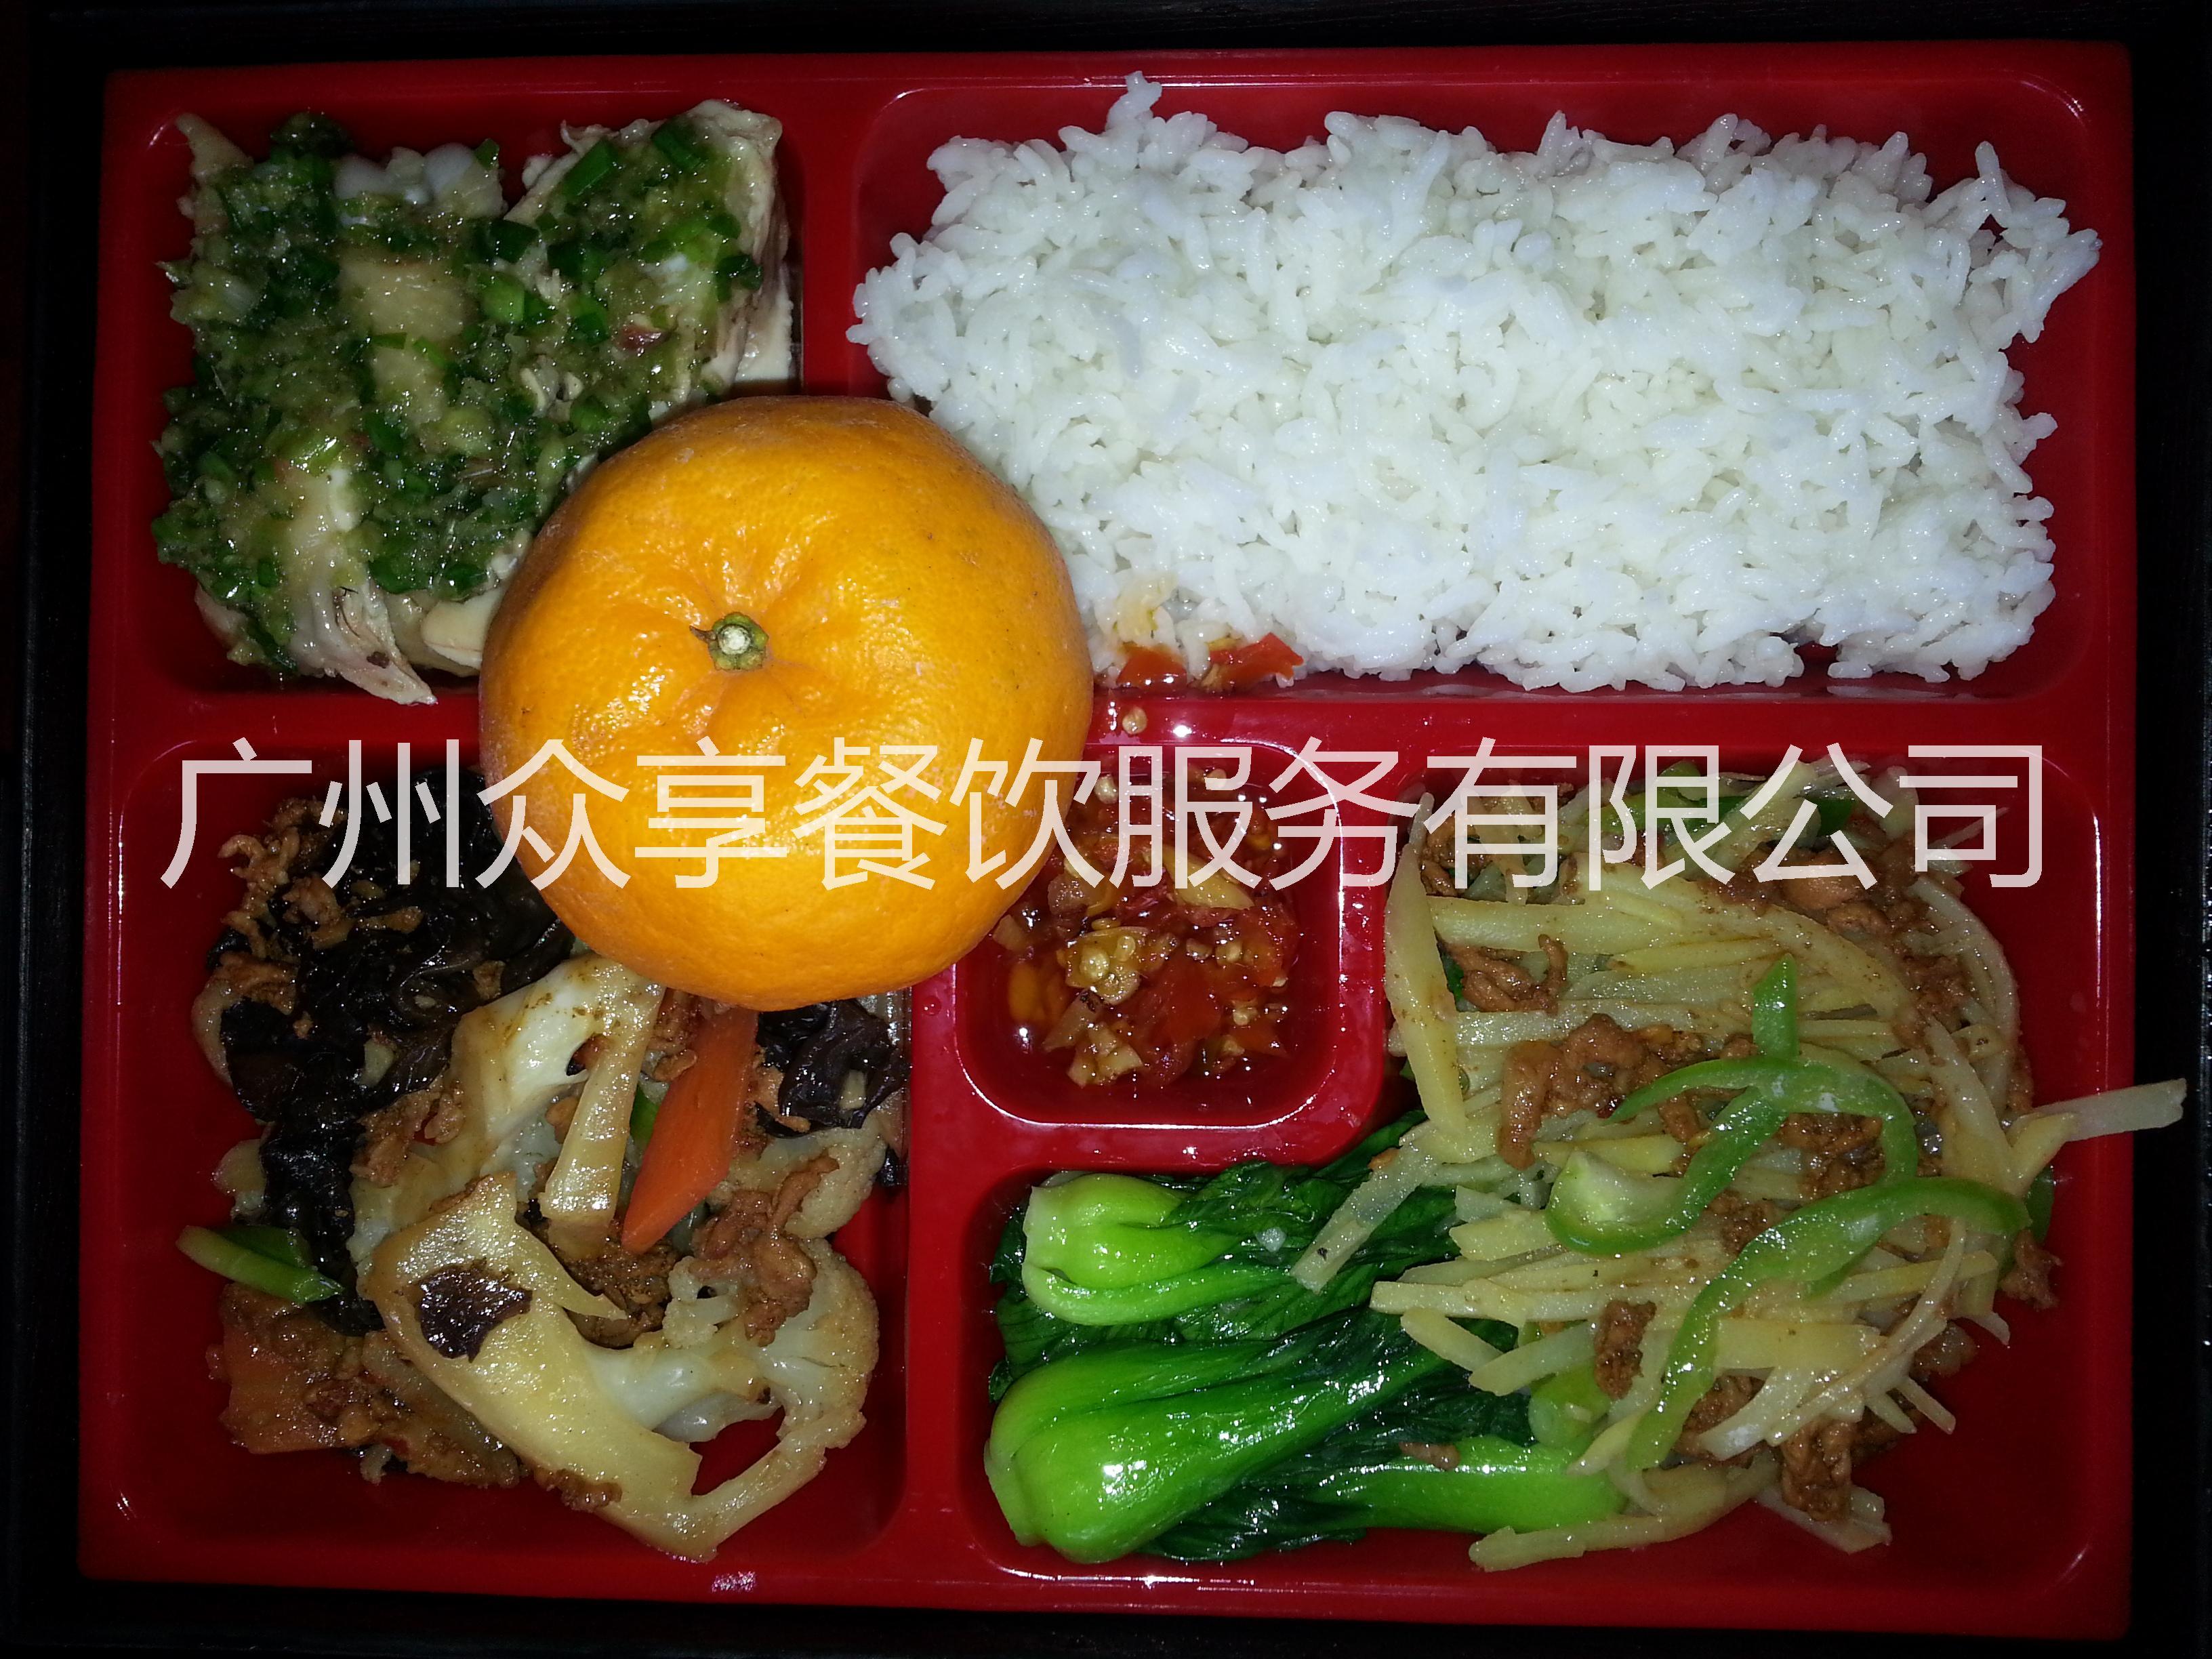 供应 广州黄埔食堂承包